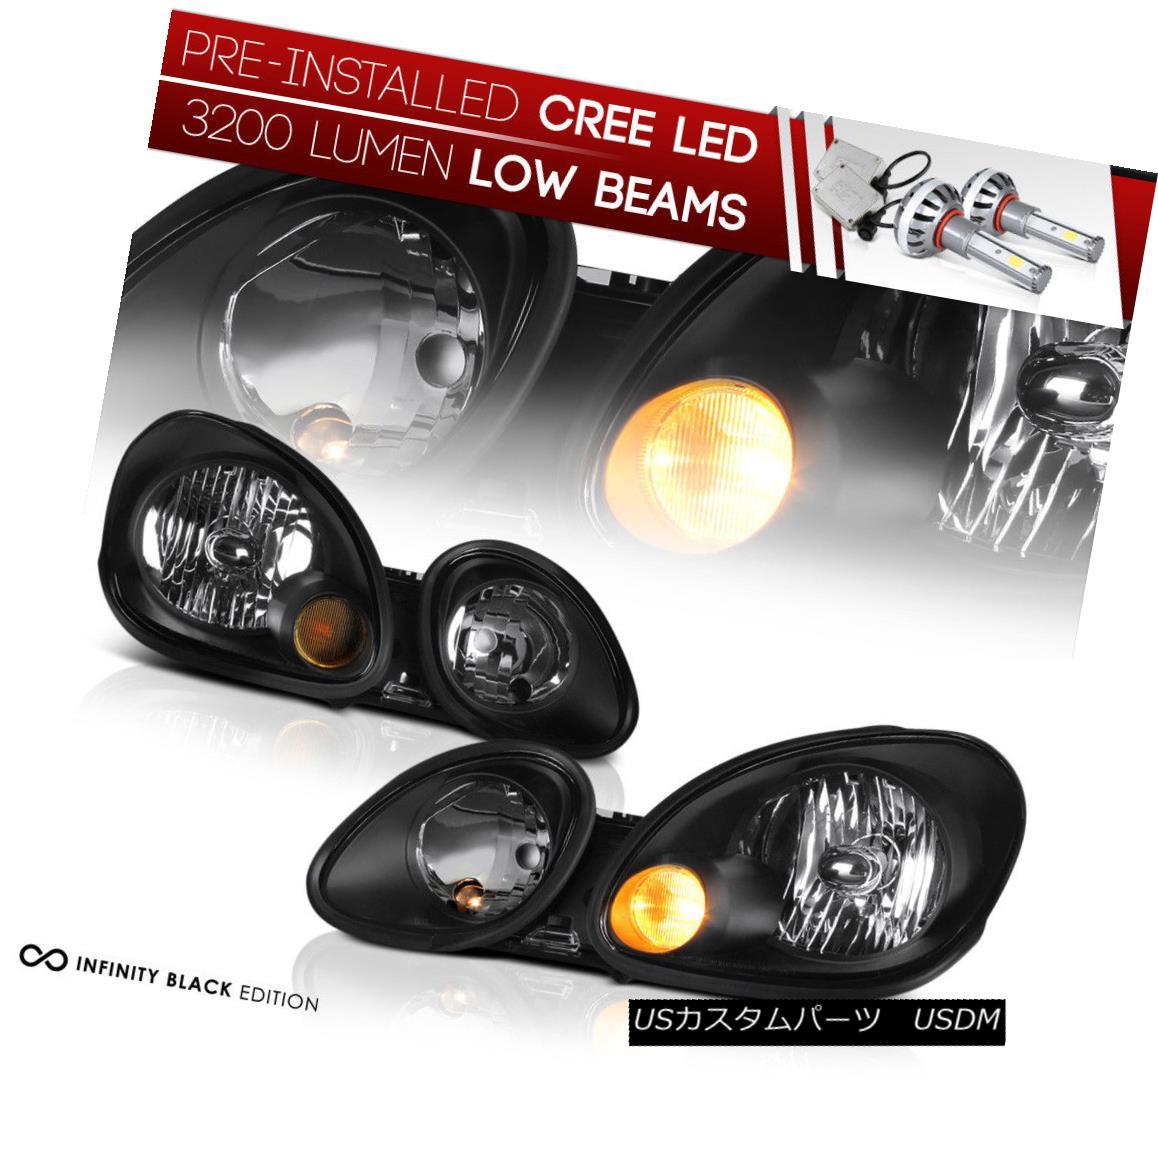 ヘッドライト !PRE-INSTALLED LED LOW BEAM! 1998-2005 Lexus Aristo 2JZ JDM Black Front Headlamp !プレインストールLEDロービーム! 1998-2005レクサスAristo 2JZ JDMブラックフロントヘッドランプ